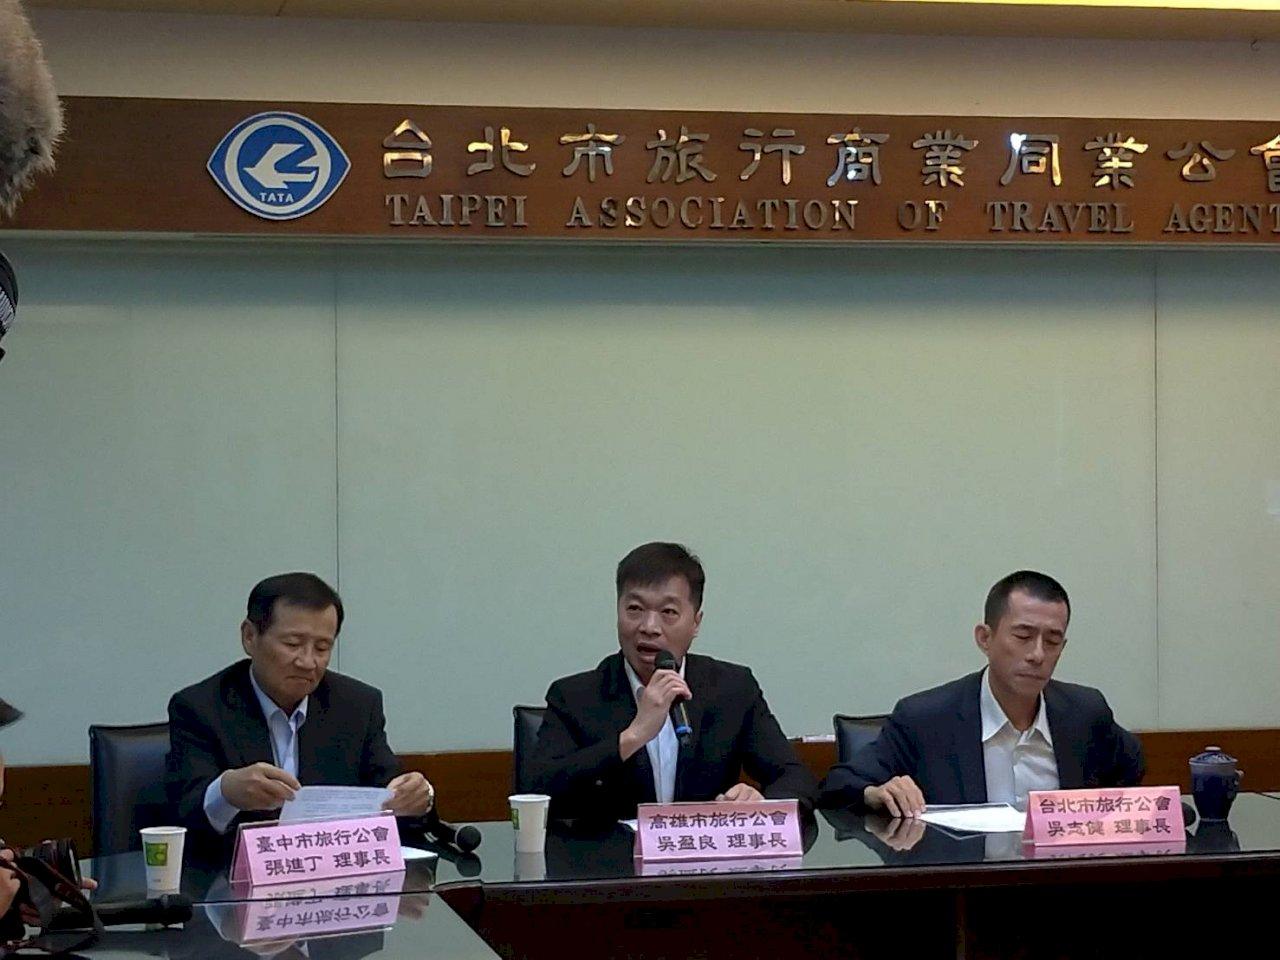 反突襲罷工旅行業怒吼 25日長榮航運大樓抗議